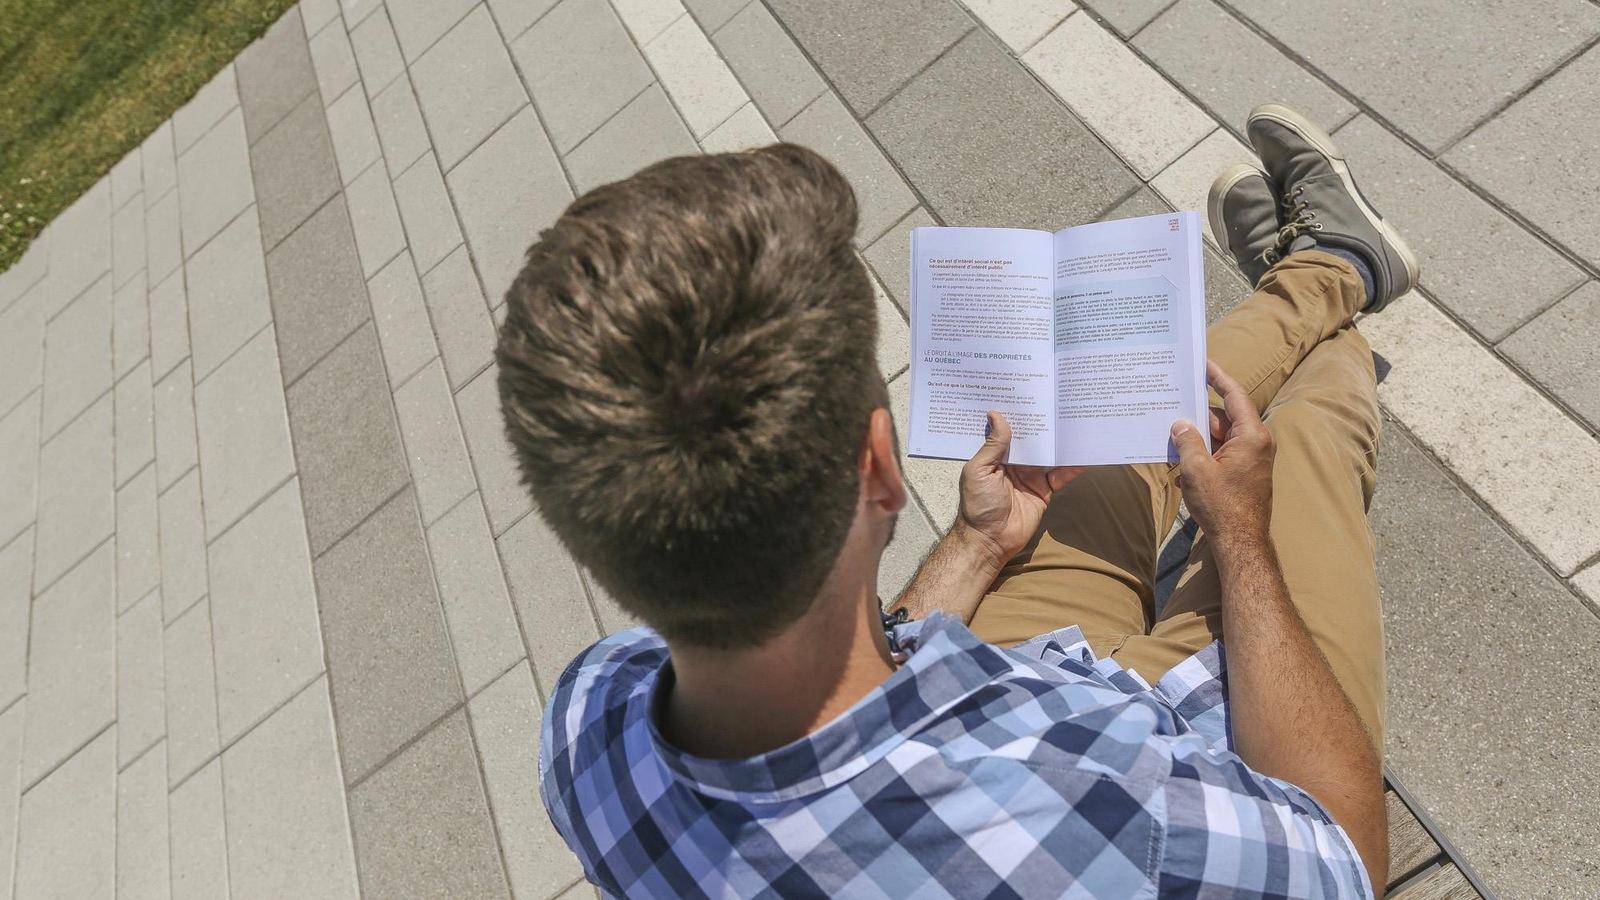 La photographie montre un homme lisant de dos et difficile à identifier. Il n'est pas nécessaire d'obtenir son consentement pour publier.